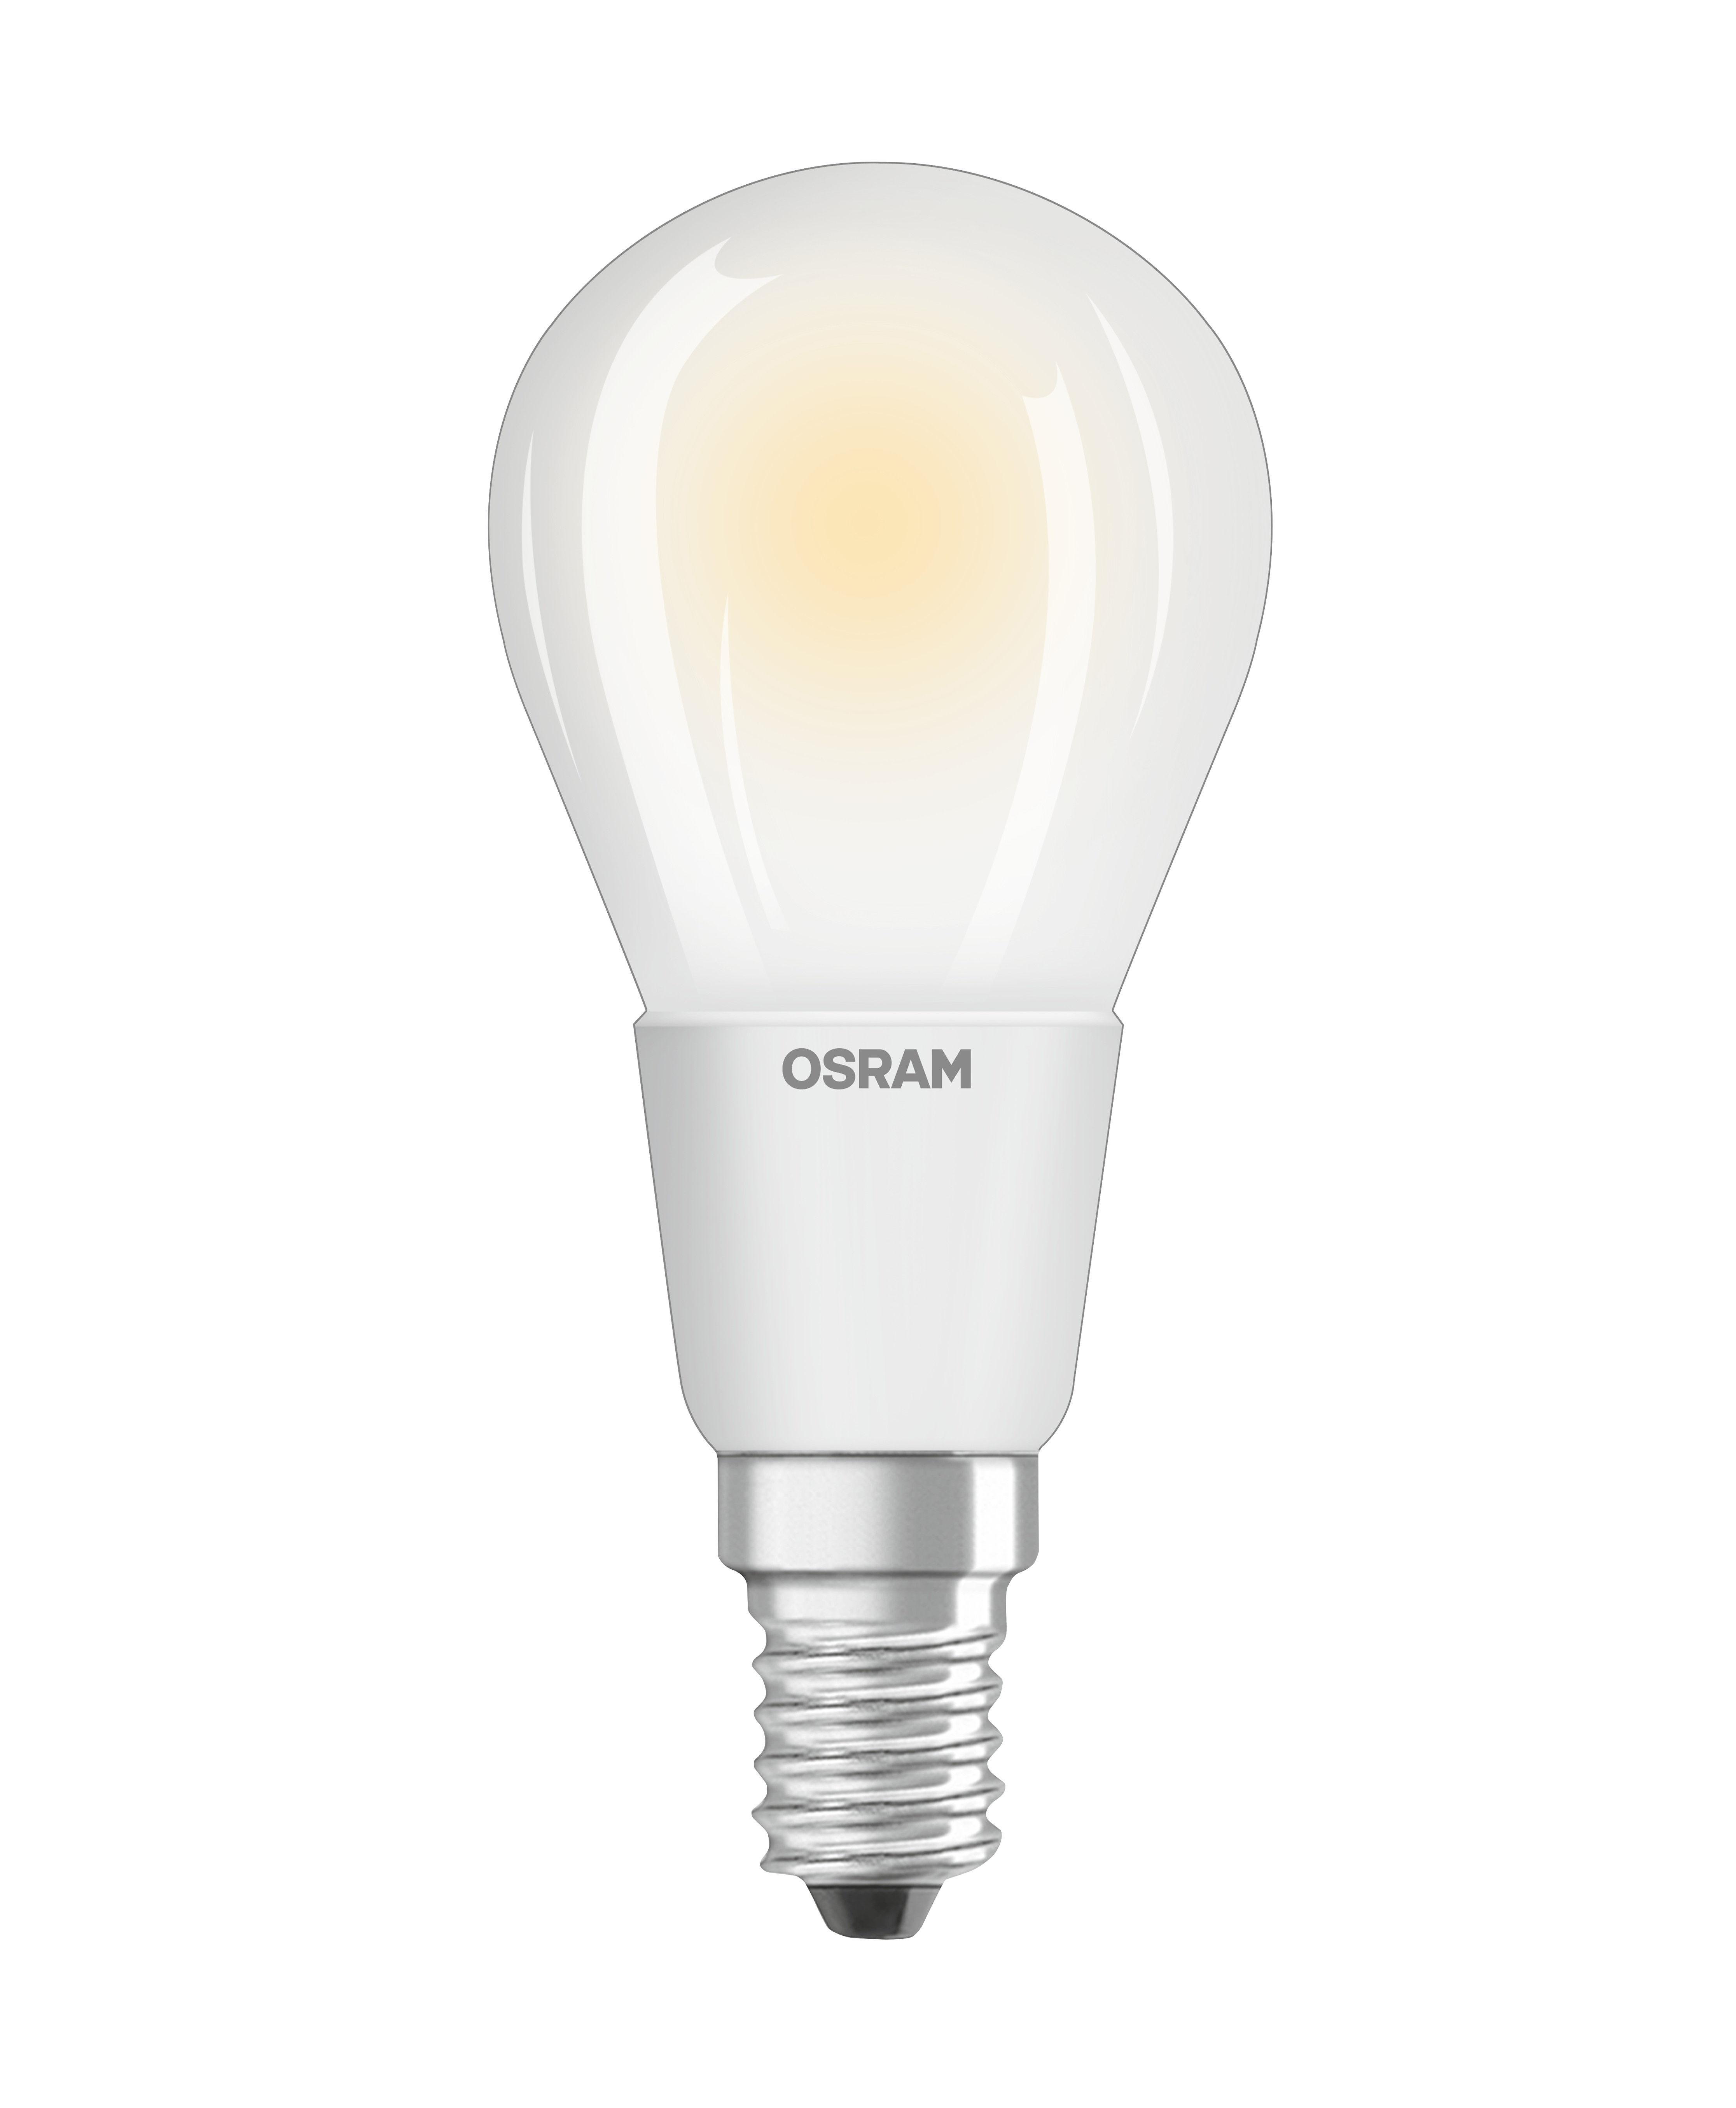 Luminaire - Ampoules et accessoires - Ampoule LED E14 dimmable / Sphérique dépolie - 5W=40W (2700K, blanc chaud) - Osram - 5W=40W - Verre